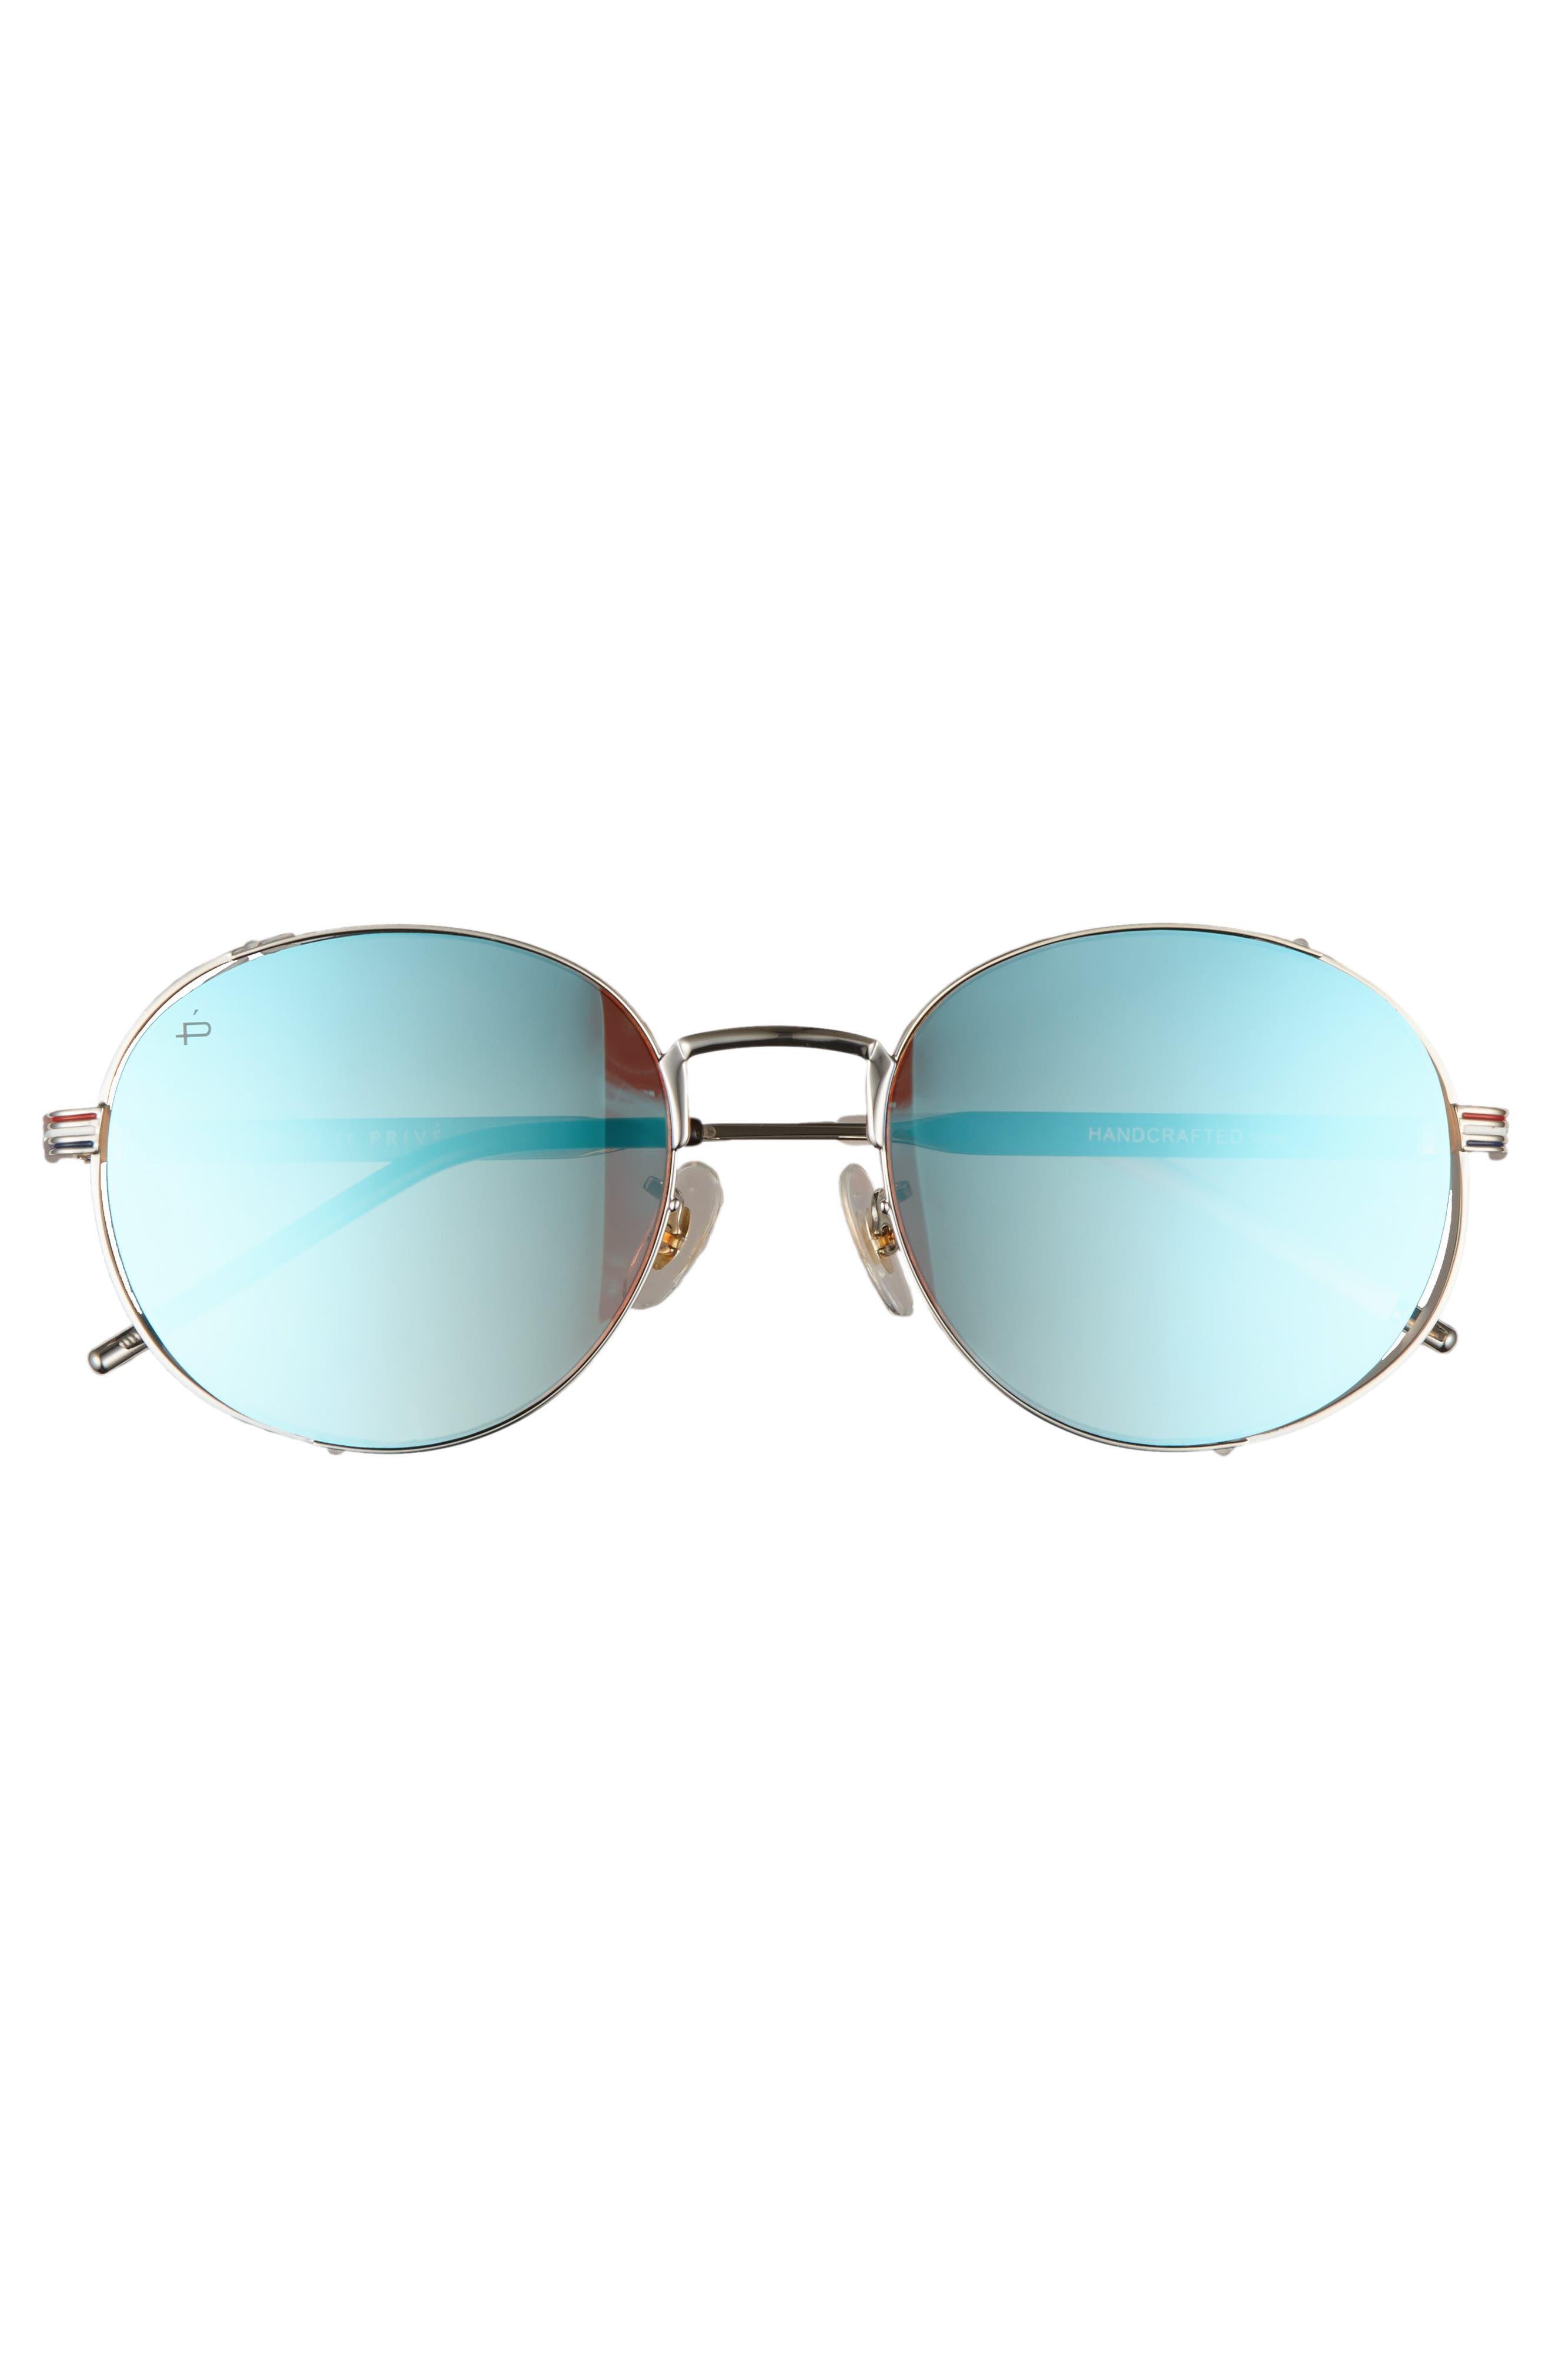 Privé Revaux The Riviera Round Sunglasses,                             Alternate thumbnail 4, color,                             Blue